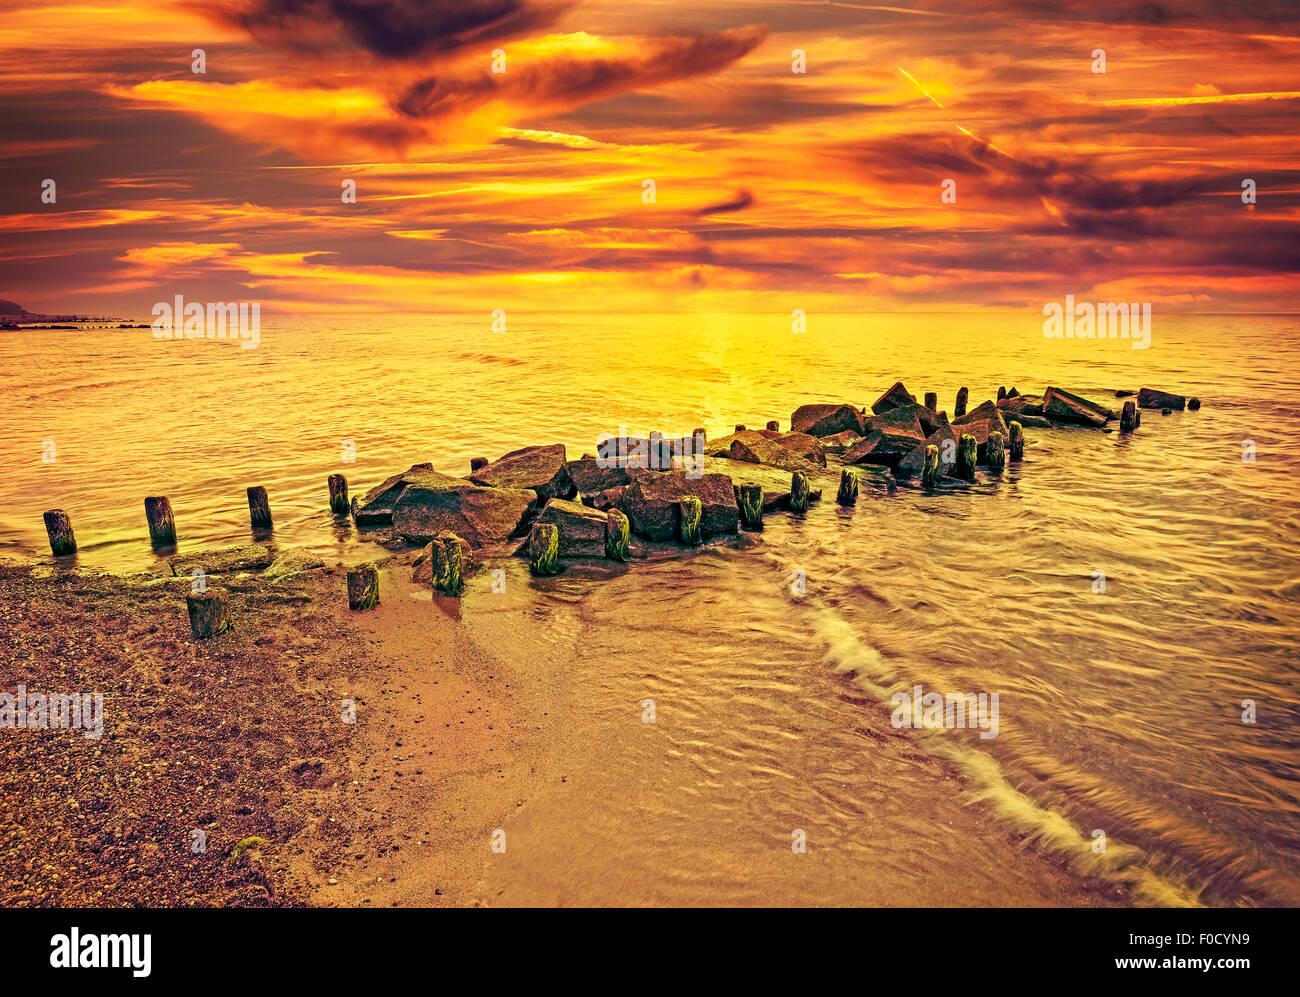 Vintage getönten dramatischen Sonnenuntergang über Strand und felsigen Pier. Stockbild